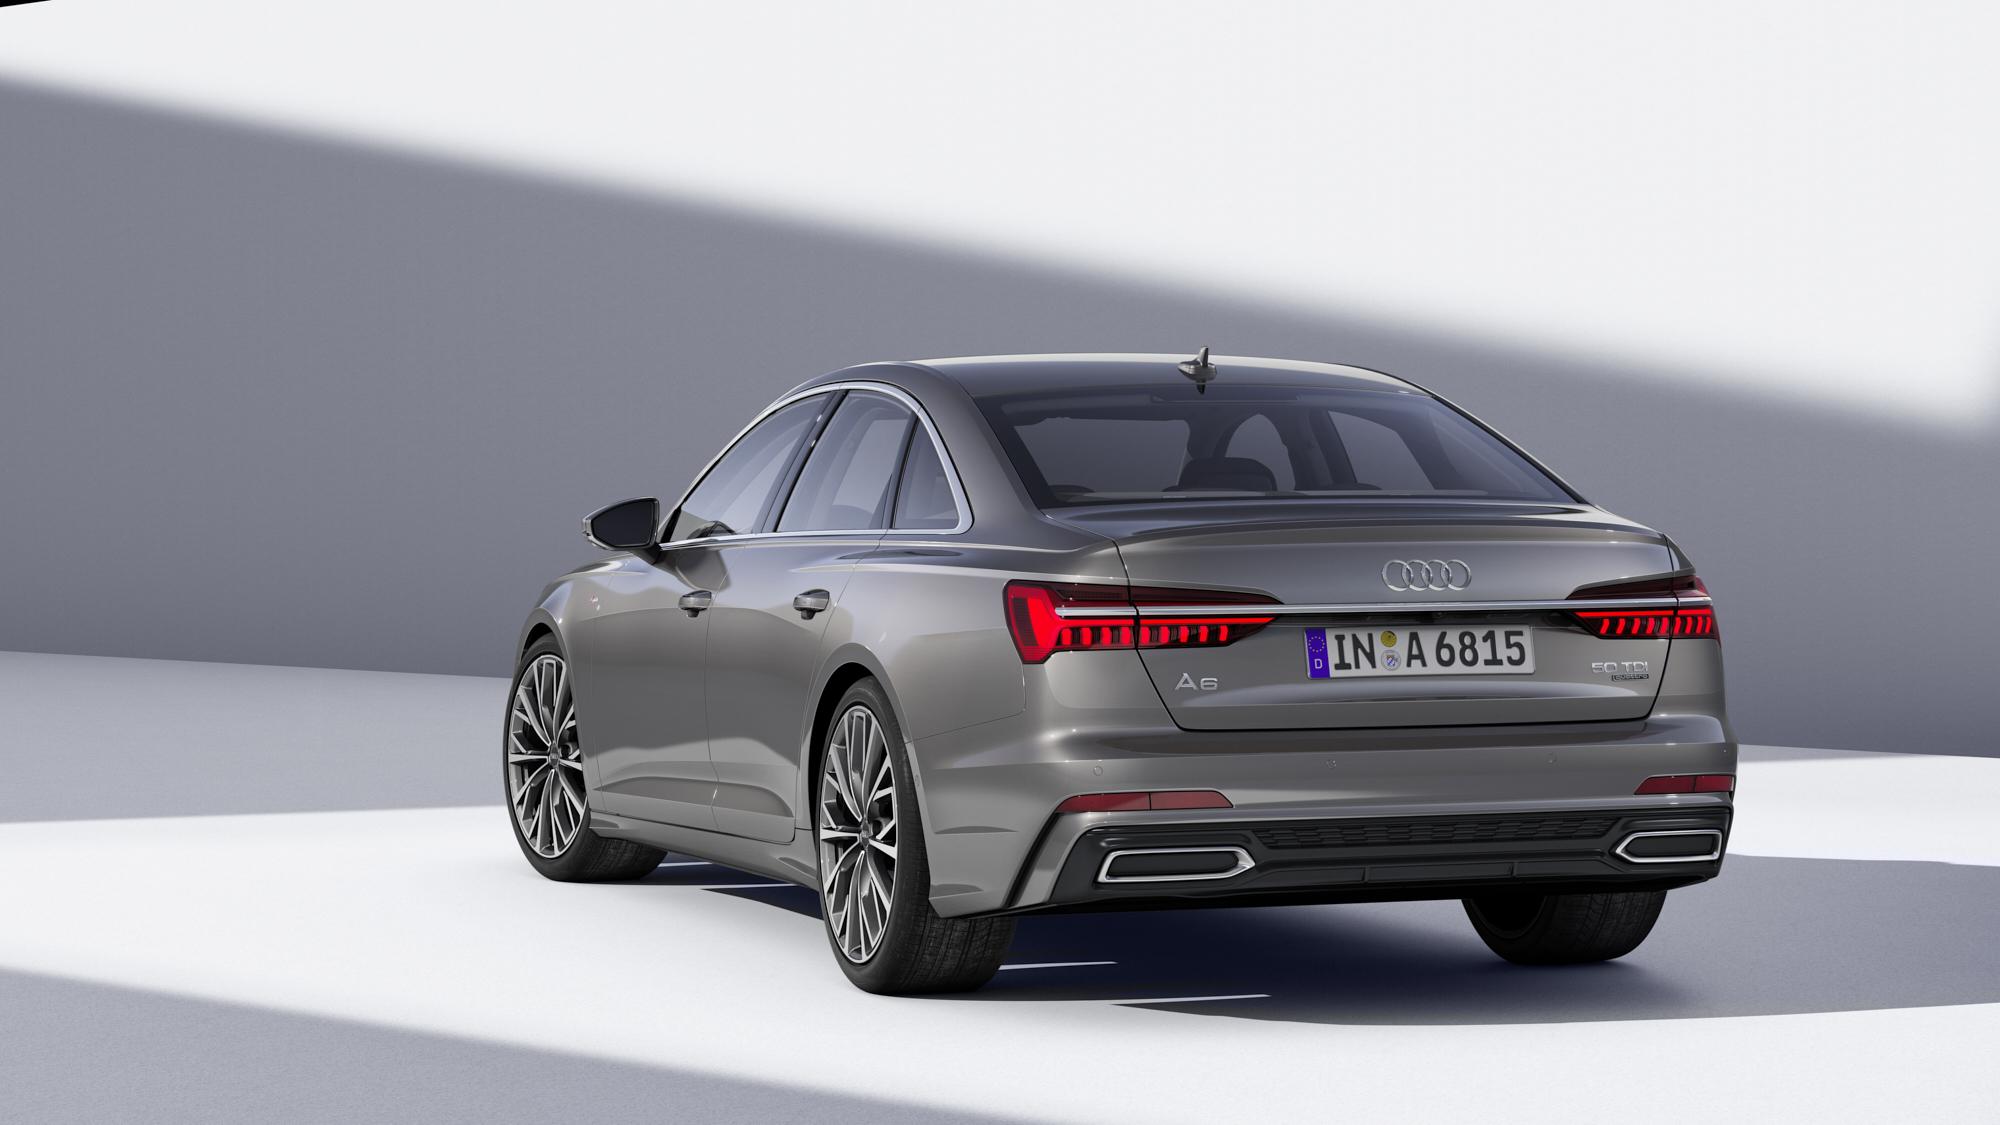 RWink_Audi_A6_EXT_005_B2200